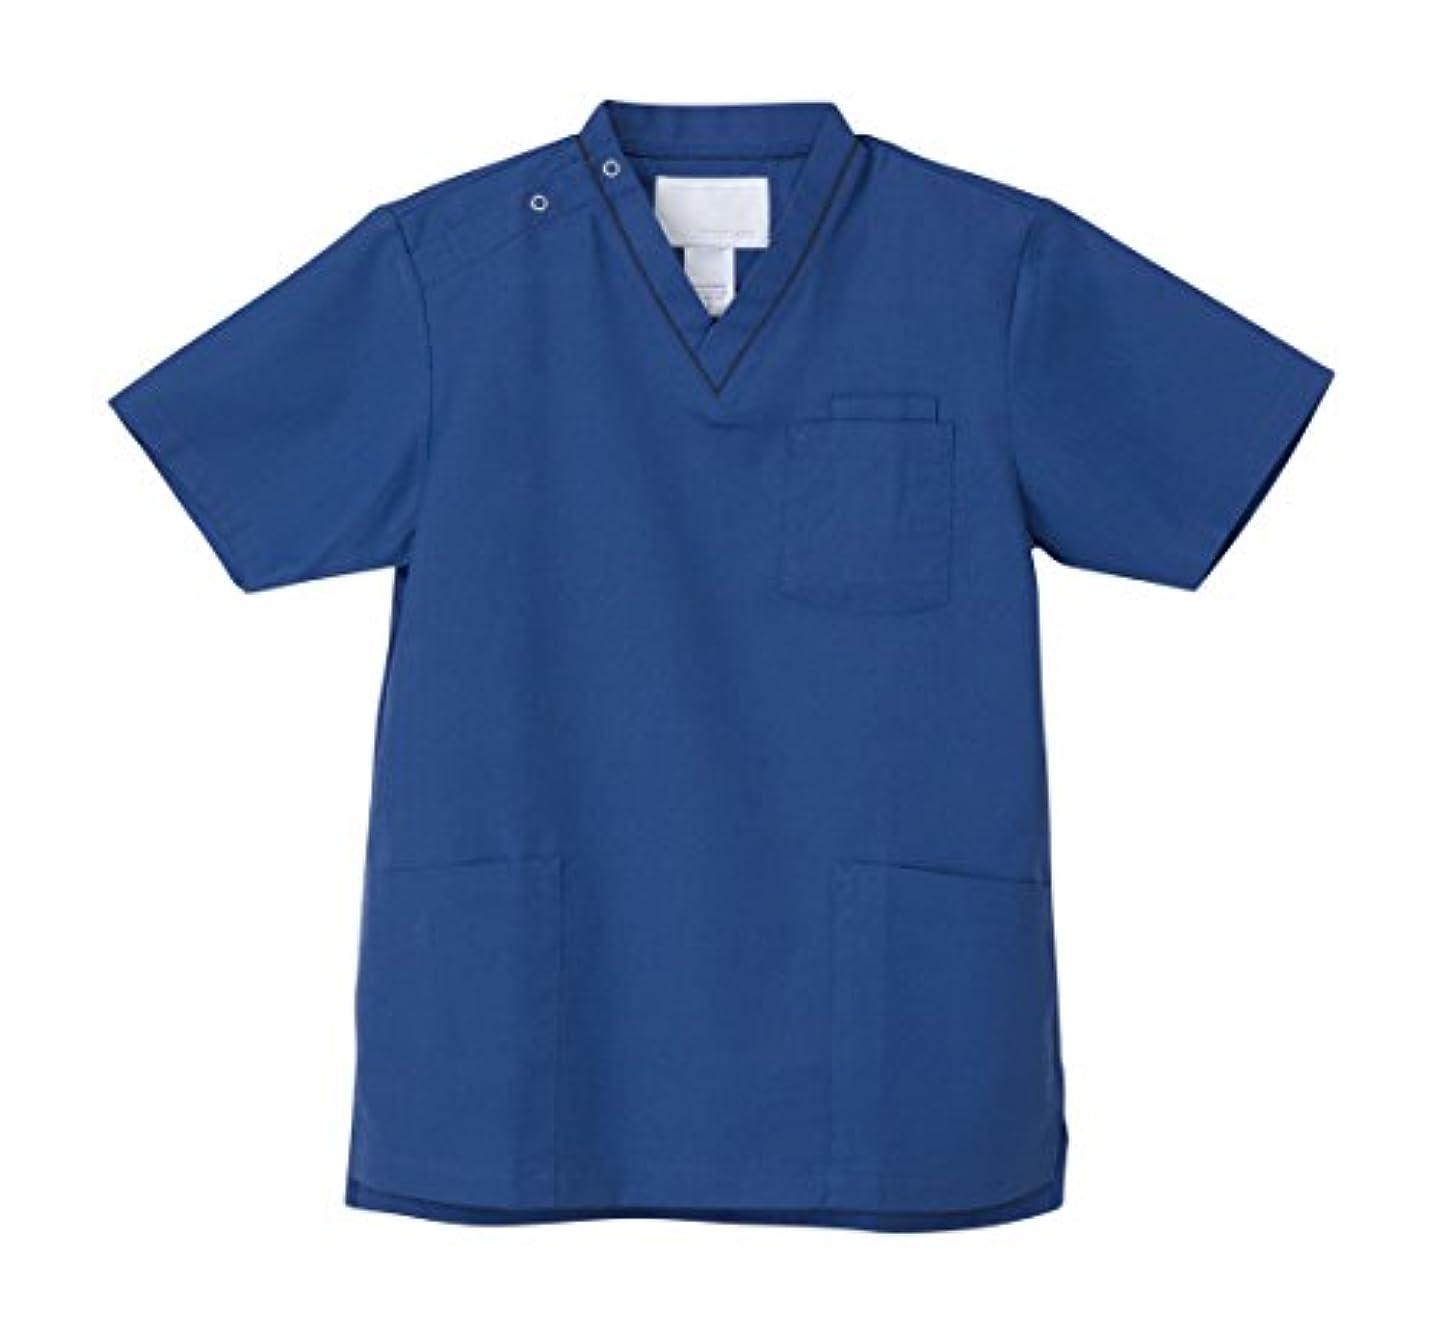 ひいきにする感性工夫するナガイレーベン NAGAILEBEN 男女兼用上衣 SL-5092(BL) Rブルー